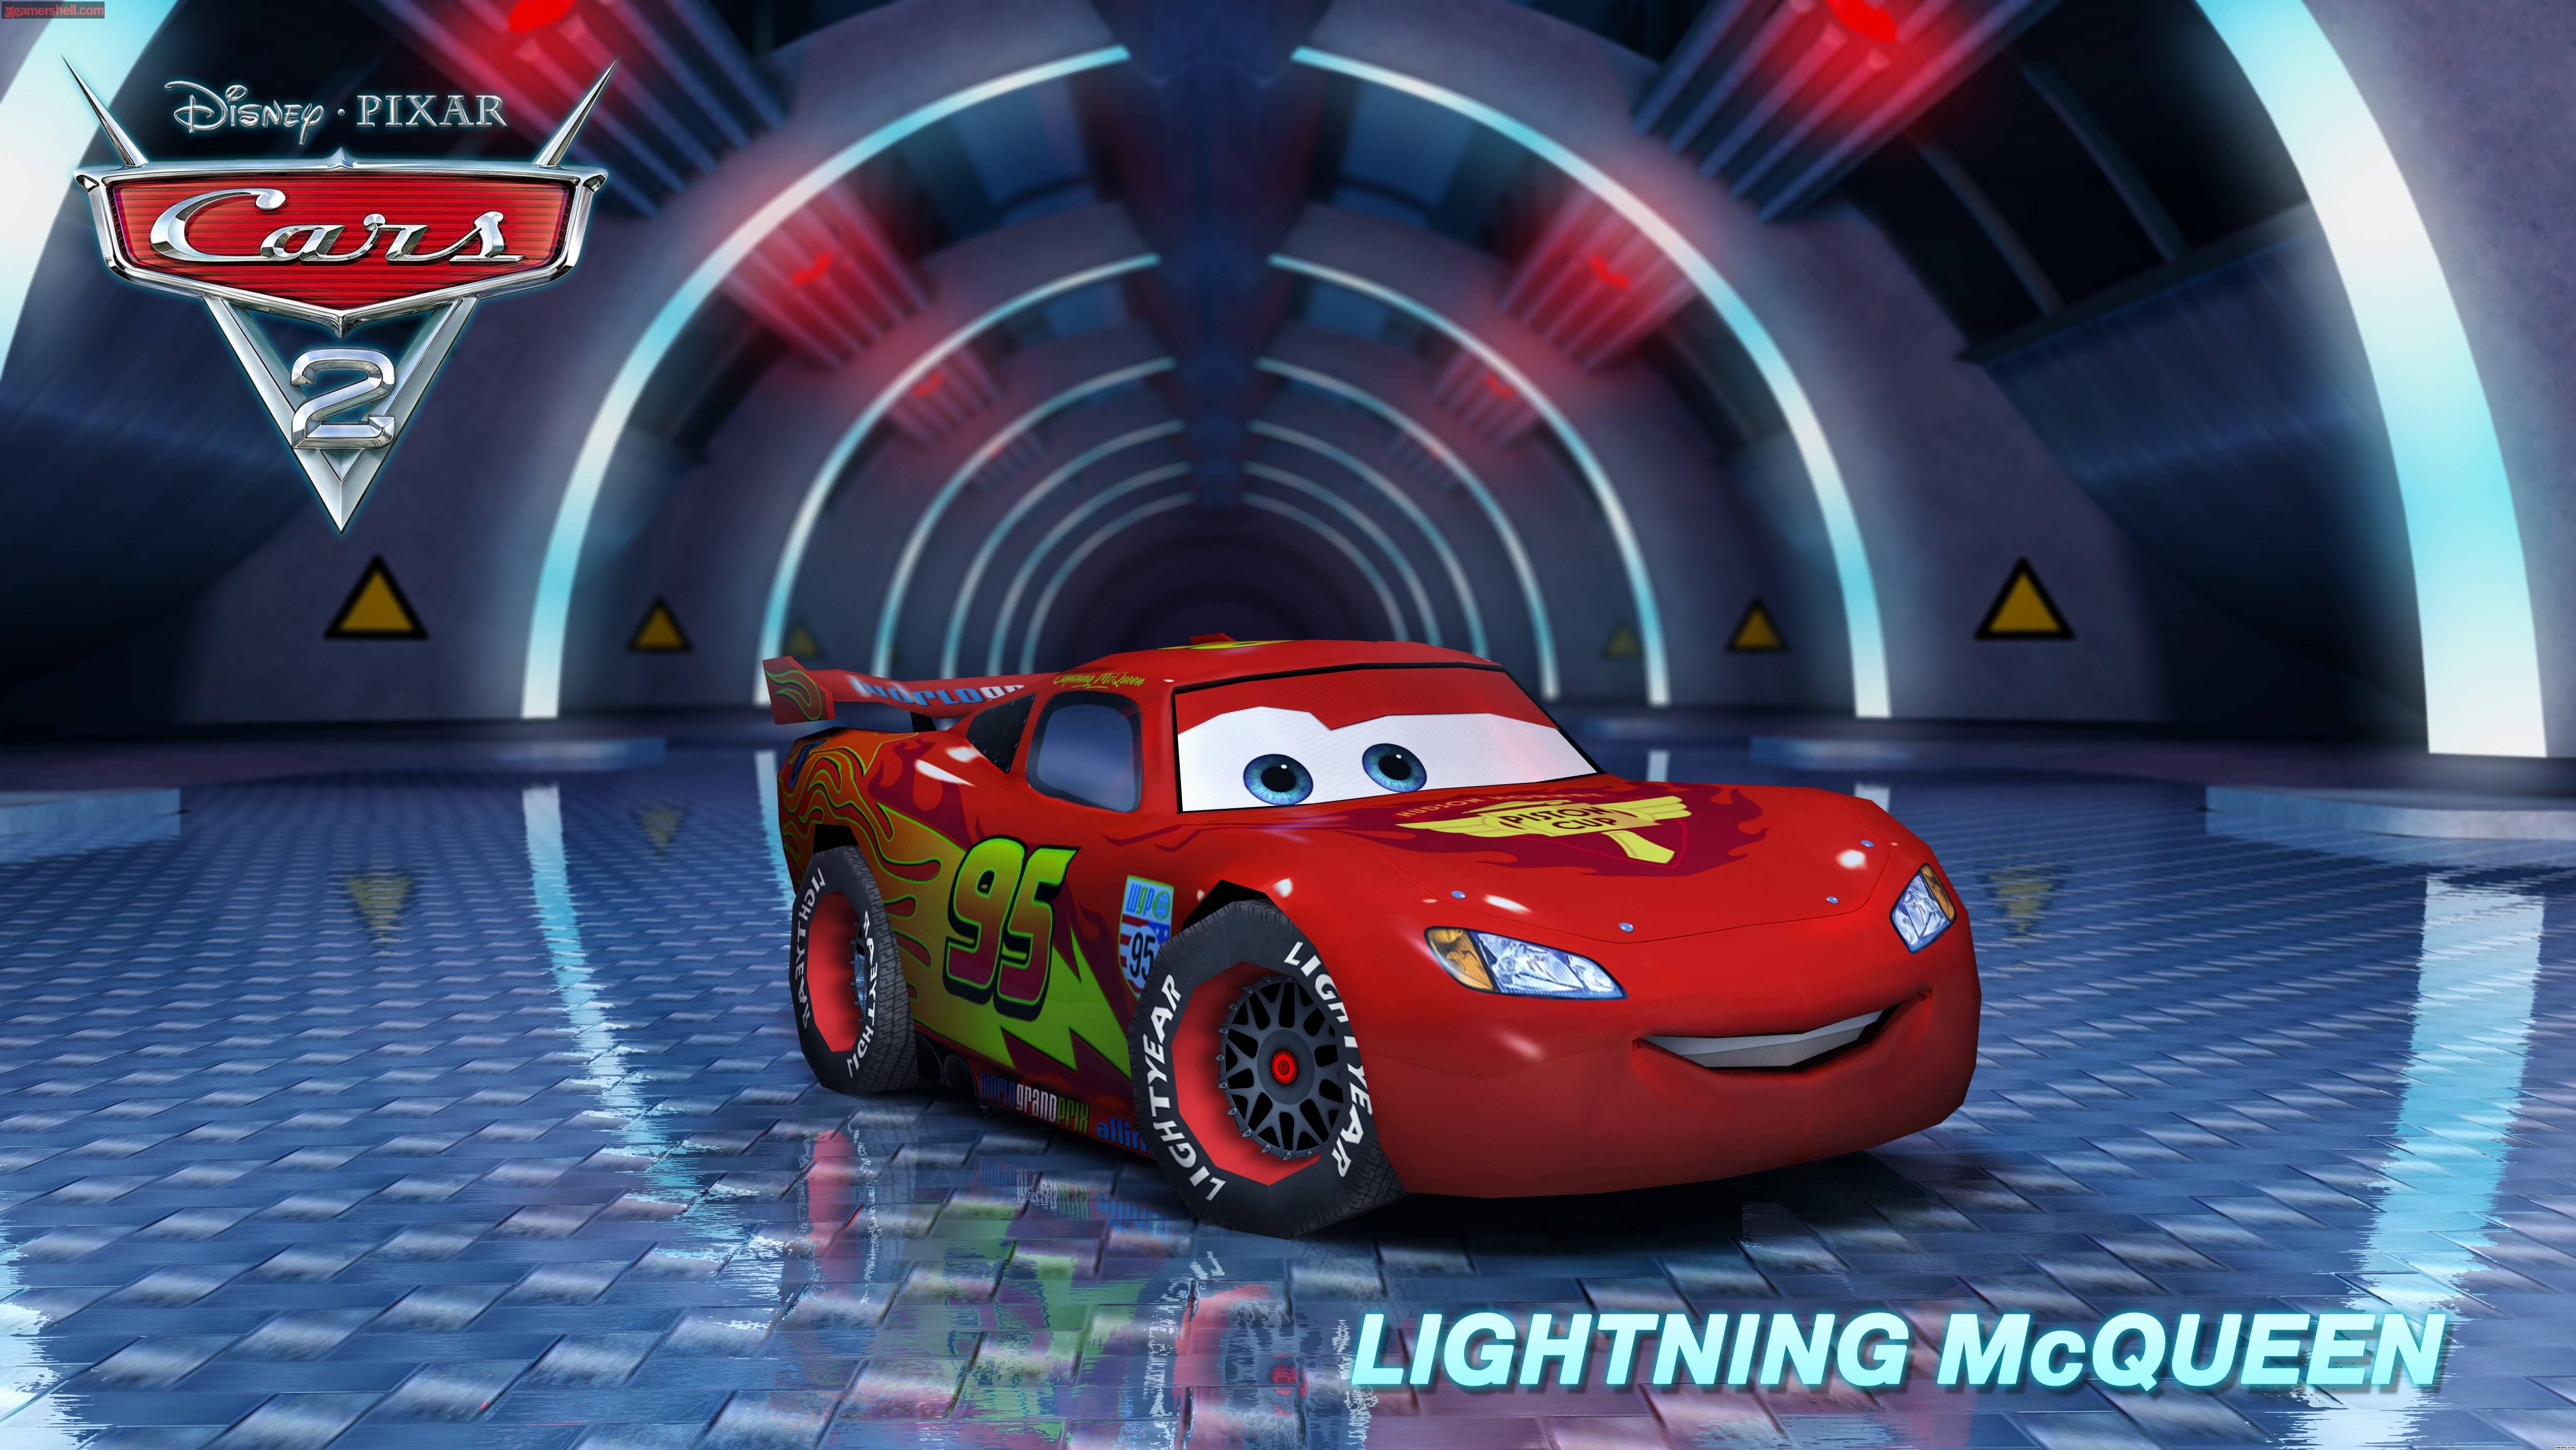 Cars lightning mcqueen wallpaper